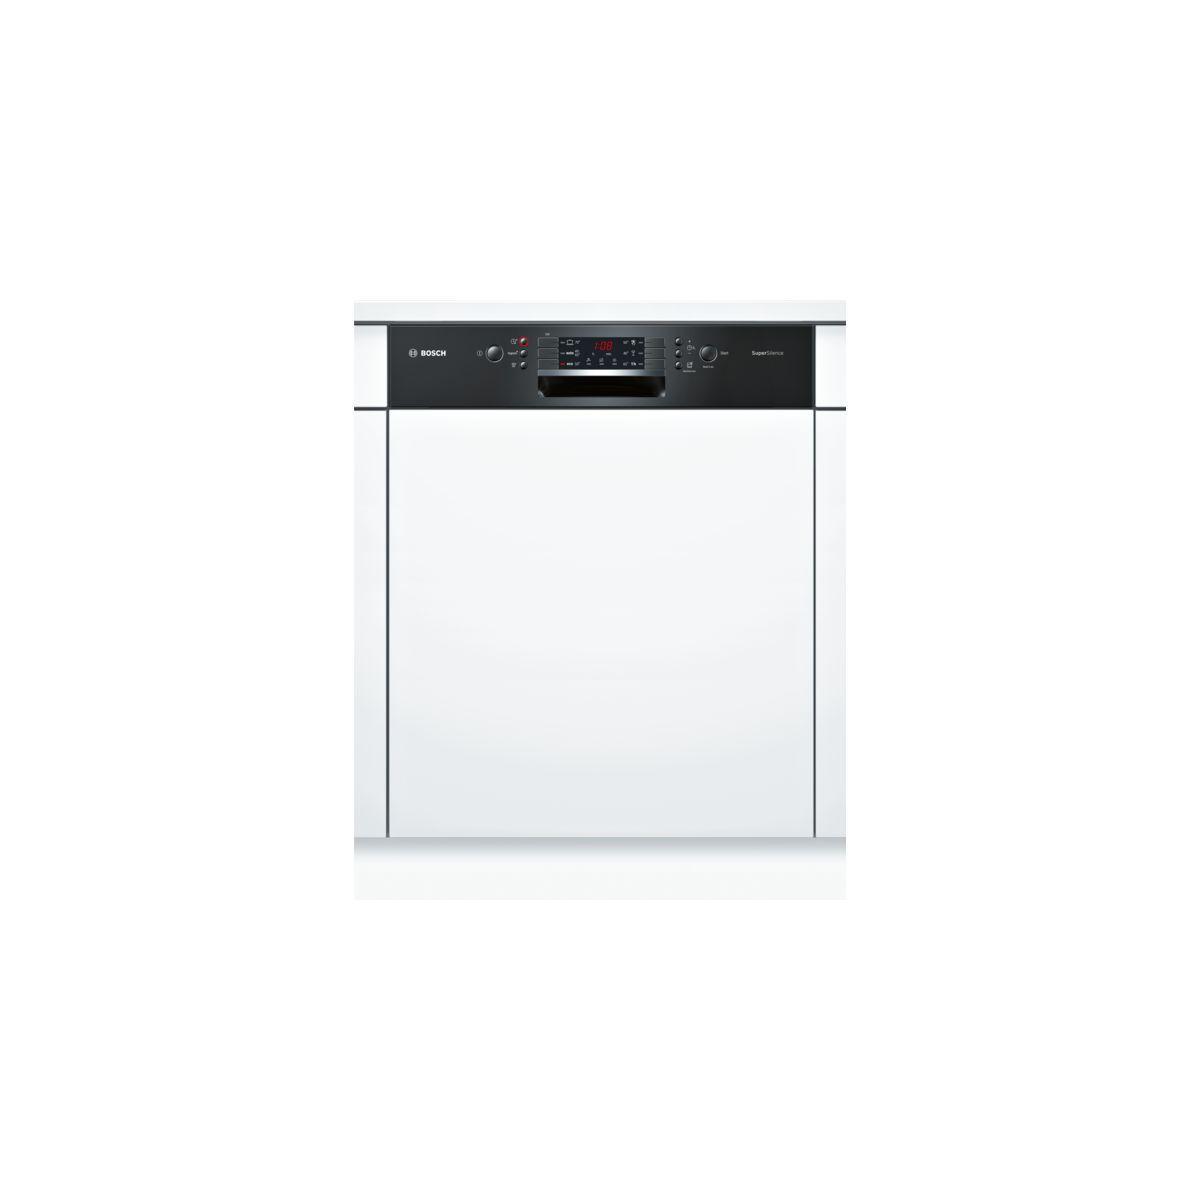 Lave vaisselle encastrable bosch smi46ab04e - 2% de remise imm�diate avec le code : gam2